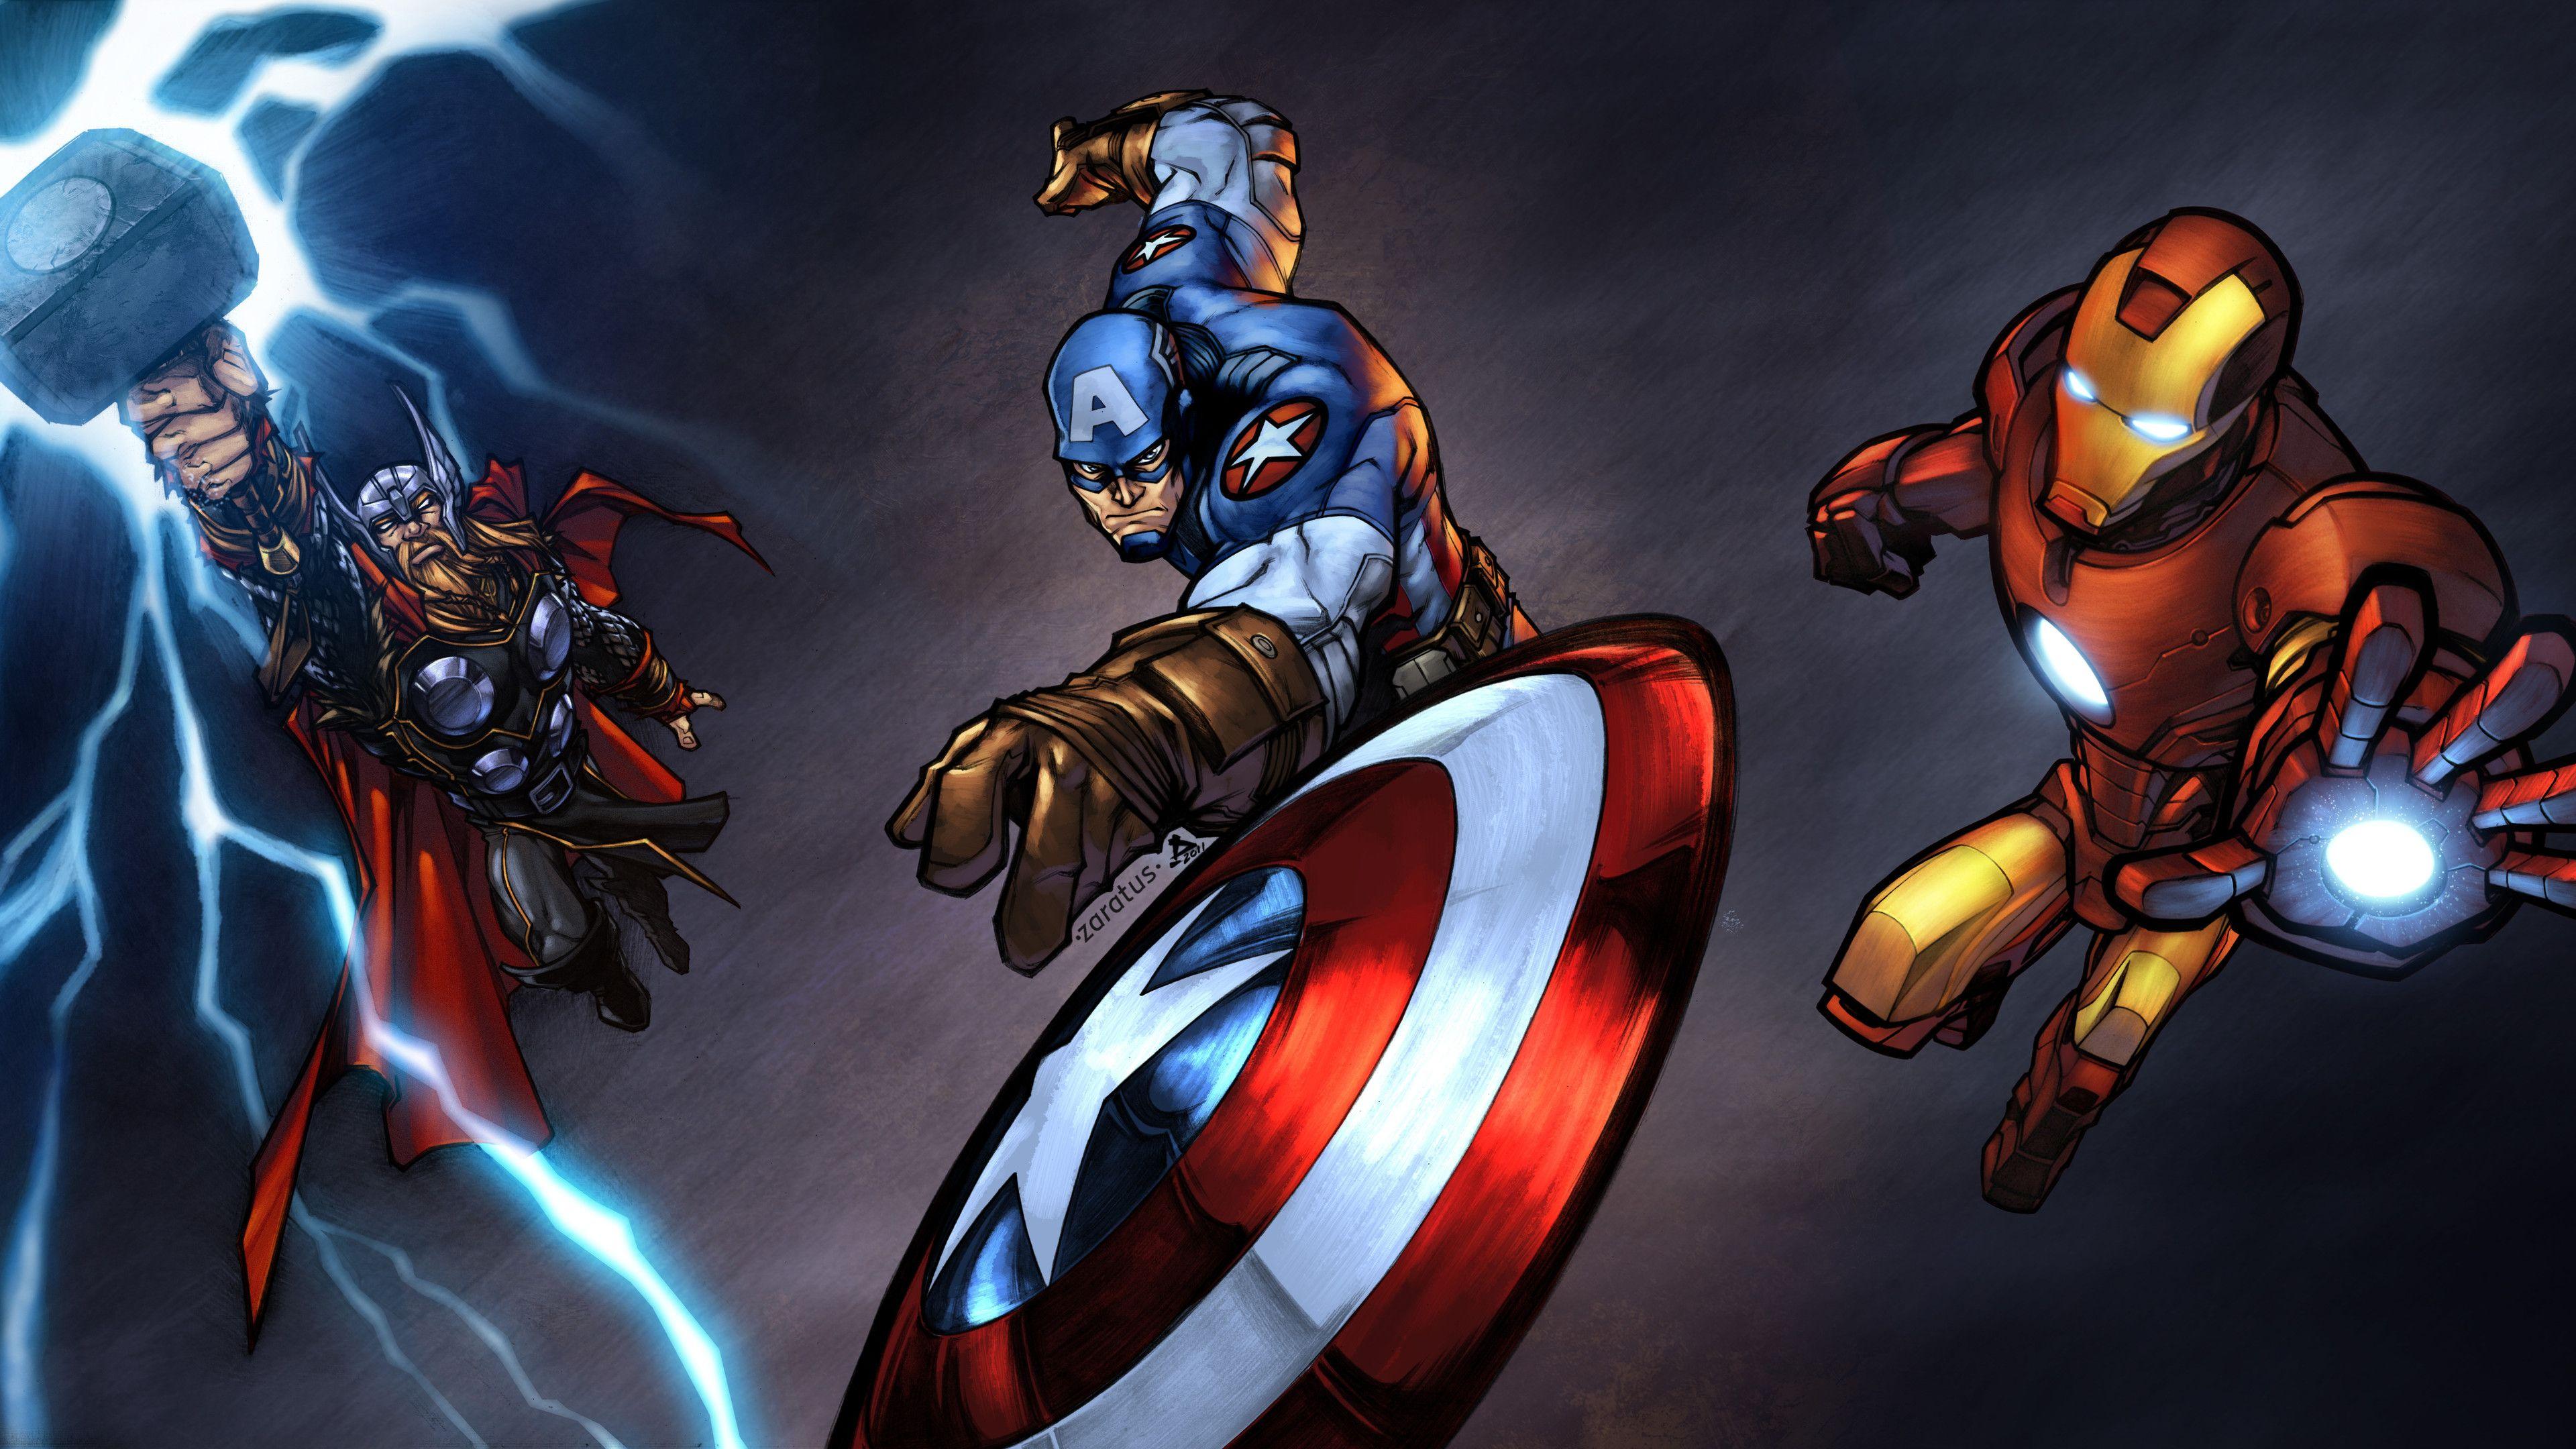 Iron Man Captain America Thor 10k Thor Wallpapers Superheroes Wallpapers Iron Man Wallpapers Hd Wa Avengers Wallpaper Avenger Artwork Marvel Avengers Comics